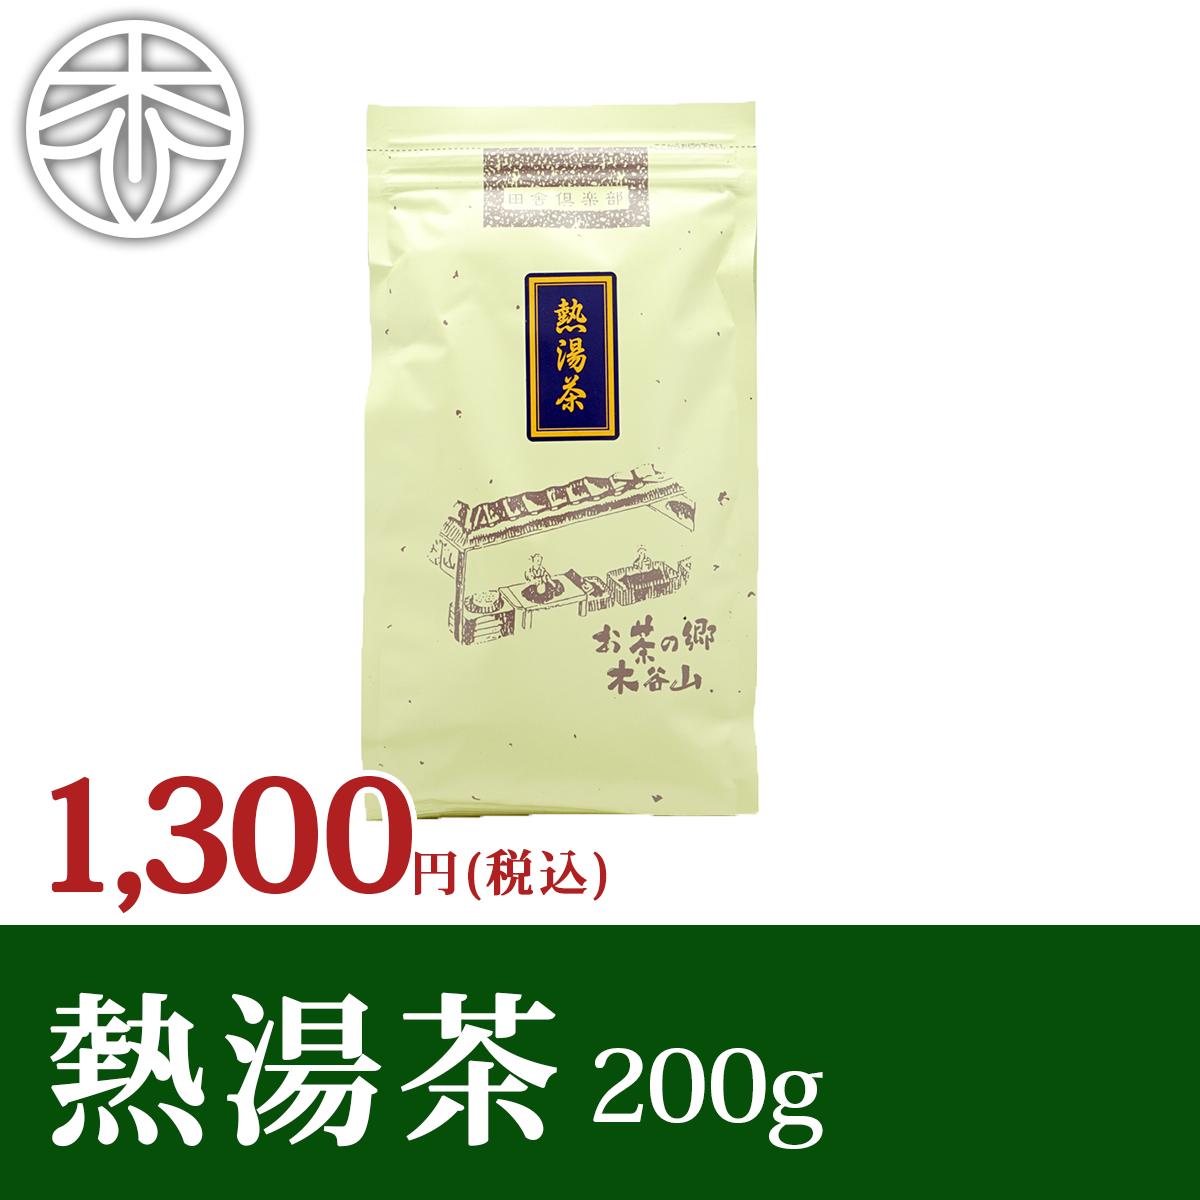 熱湯でも美味しく飲めるかぶせ茶ブレンド茶葉 迅速な対応で商品をお届け致します メール便可 商い かぶせ茶ブレンド 宇治茶の木谷製茶場 熱湯茶 200g